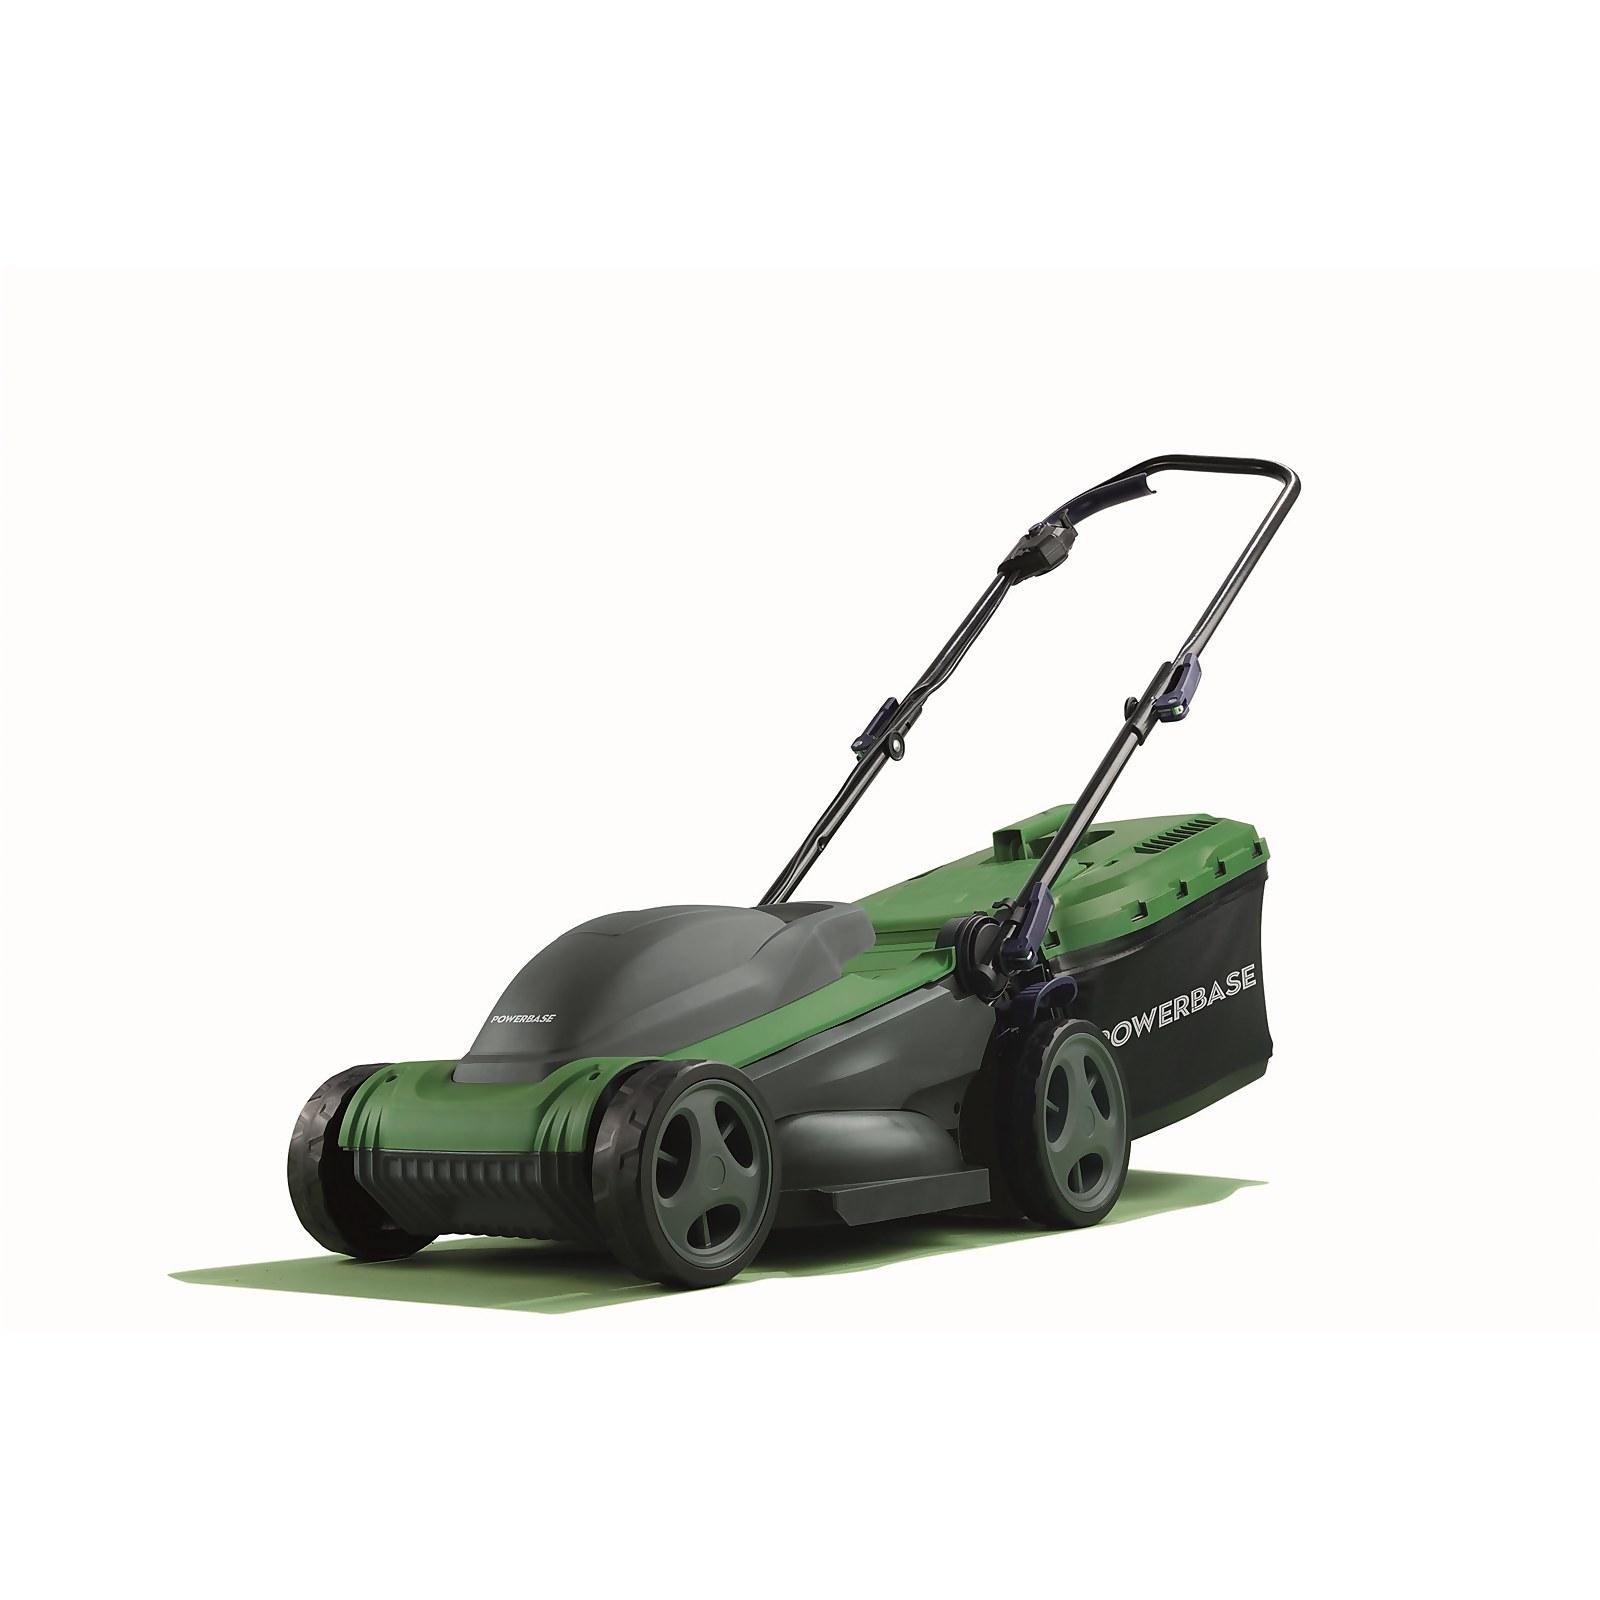 Powerbase 1400W Electric Lawn Mower 34cm